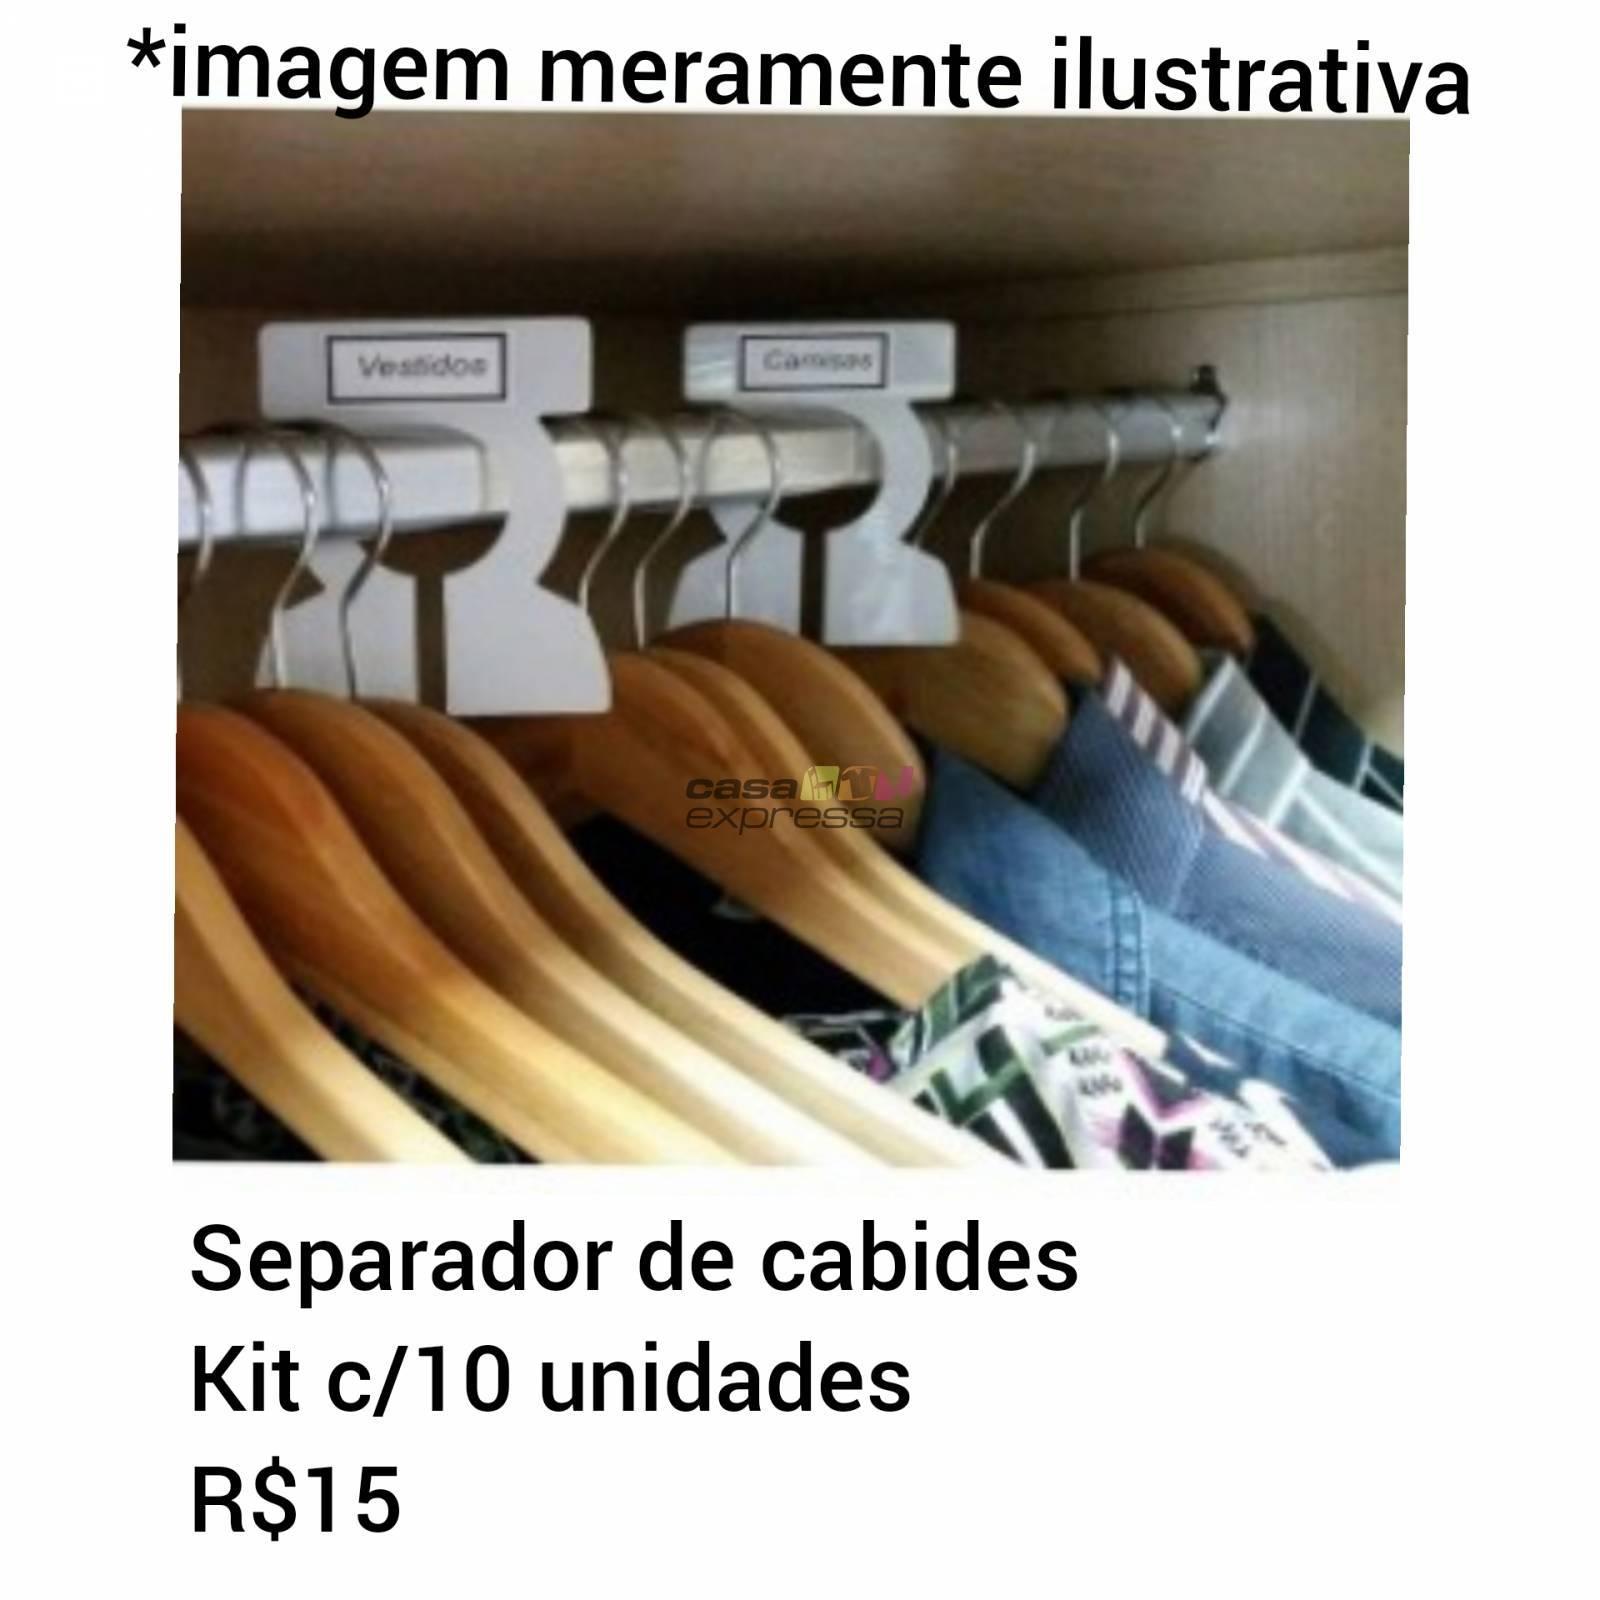 Separador de Cabides - CASA EXPRESSA